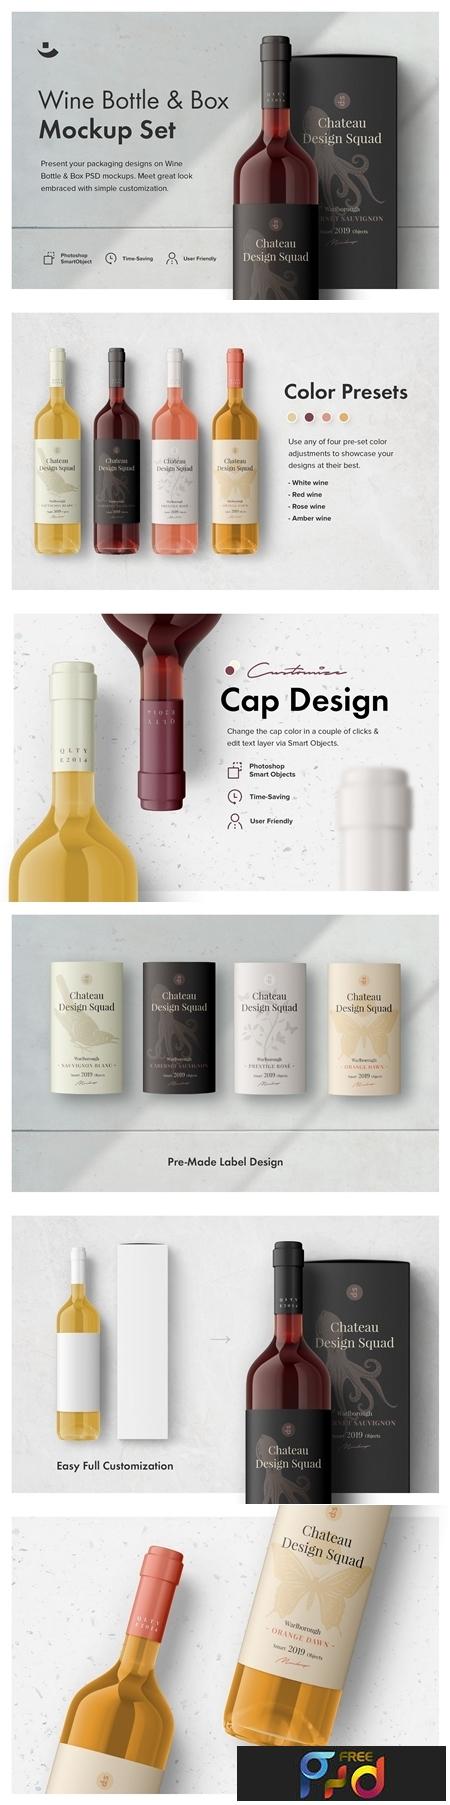 Essential Wine Bottle Mockup Set 3536440 1